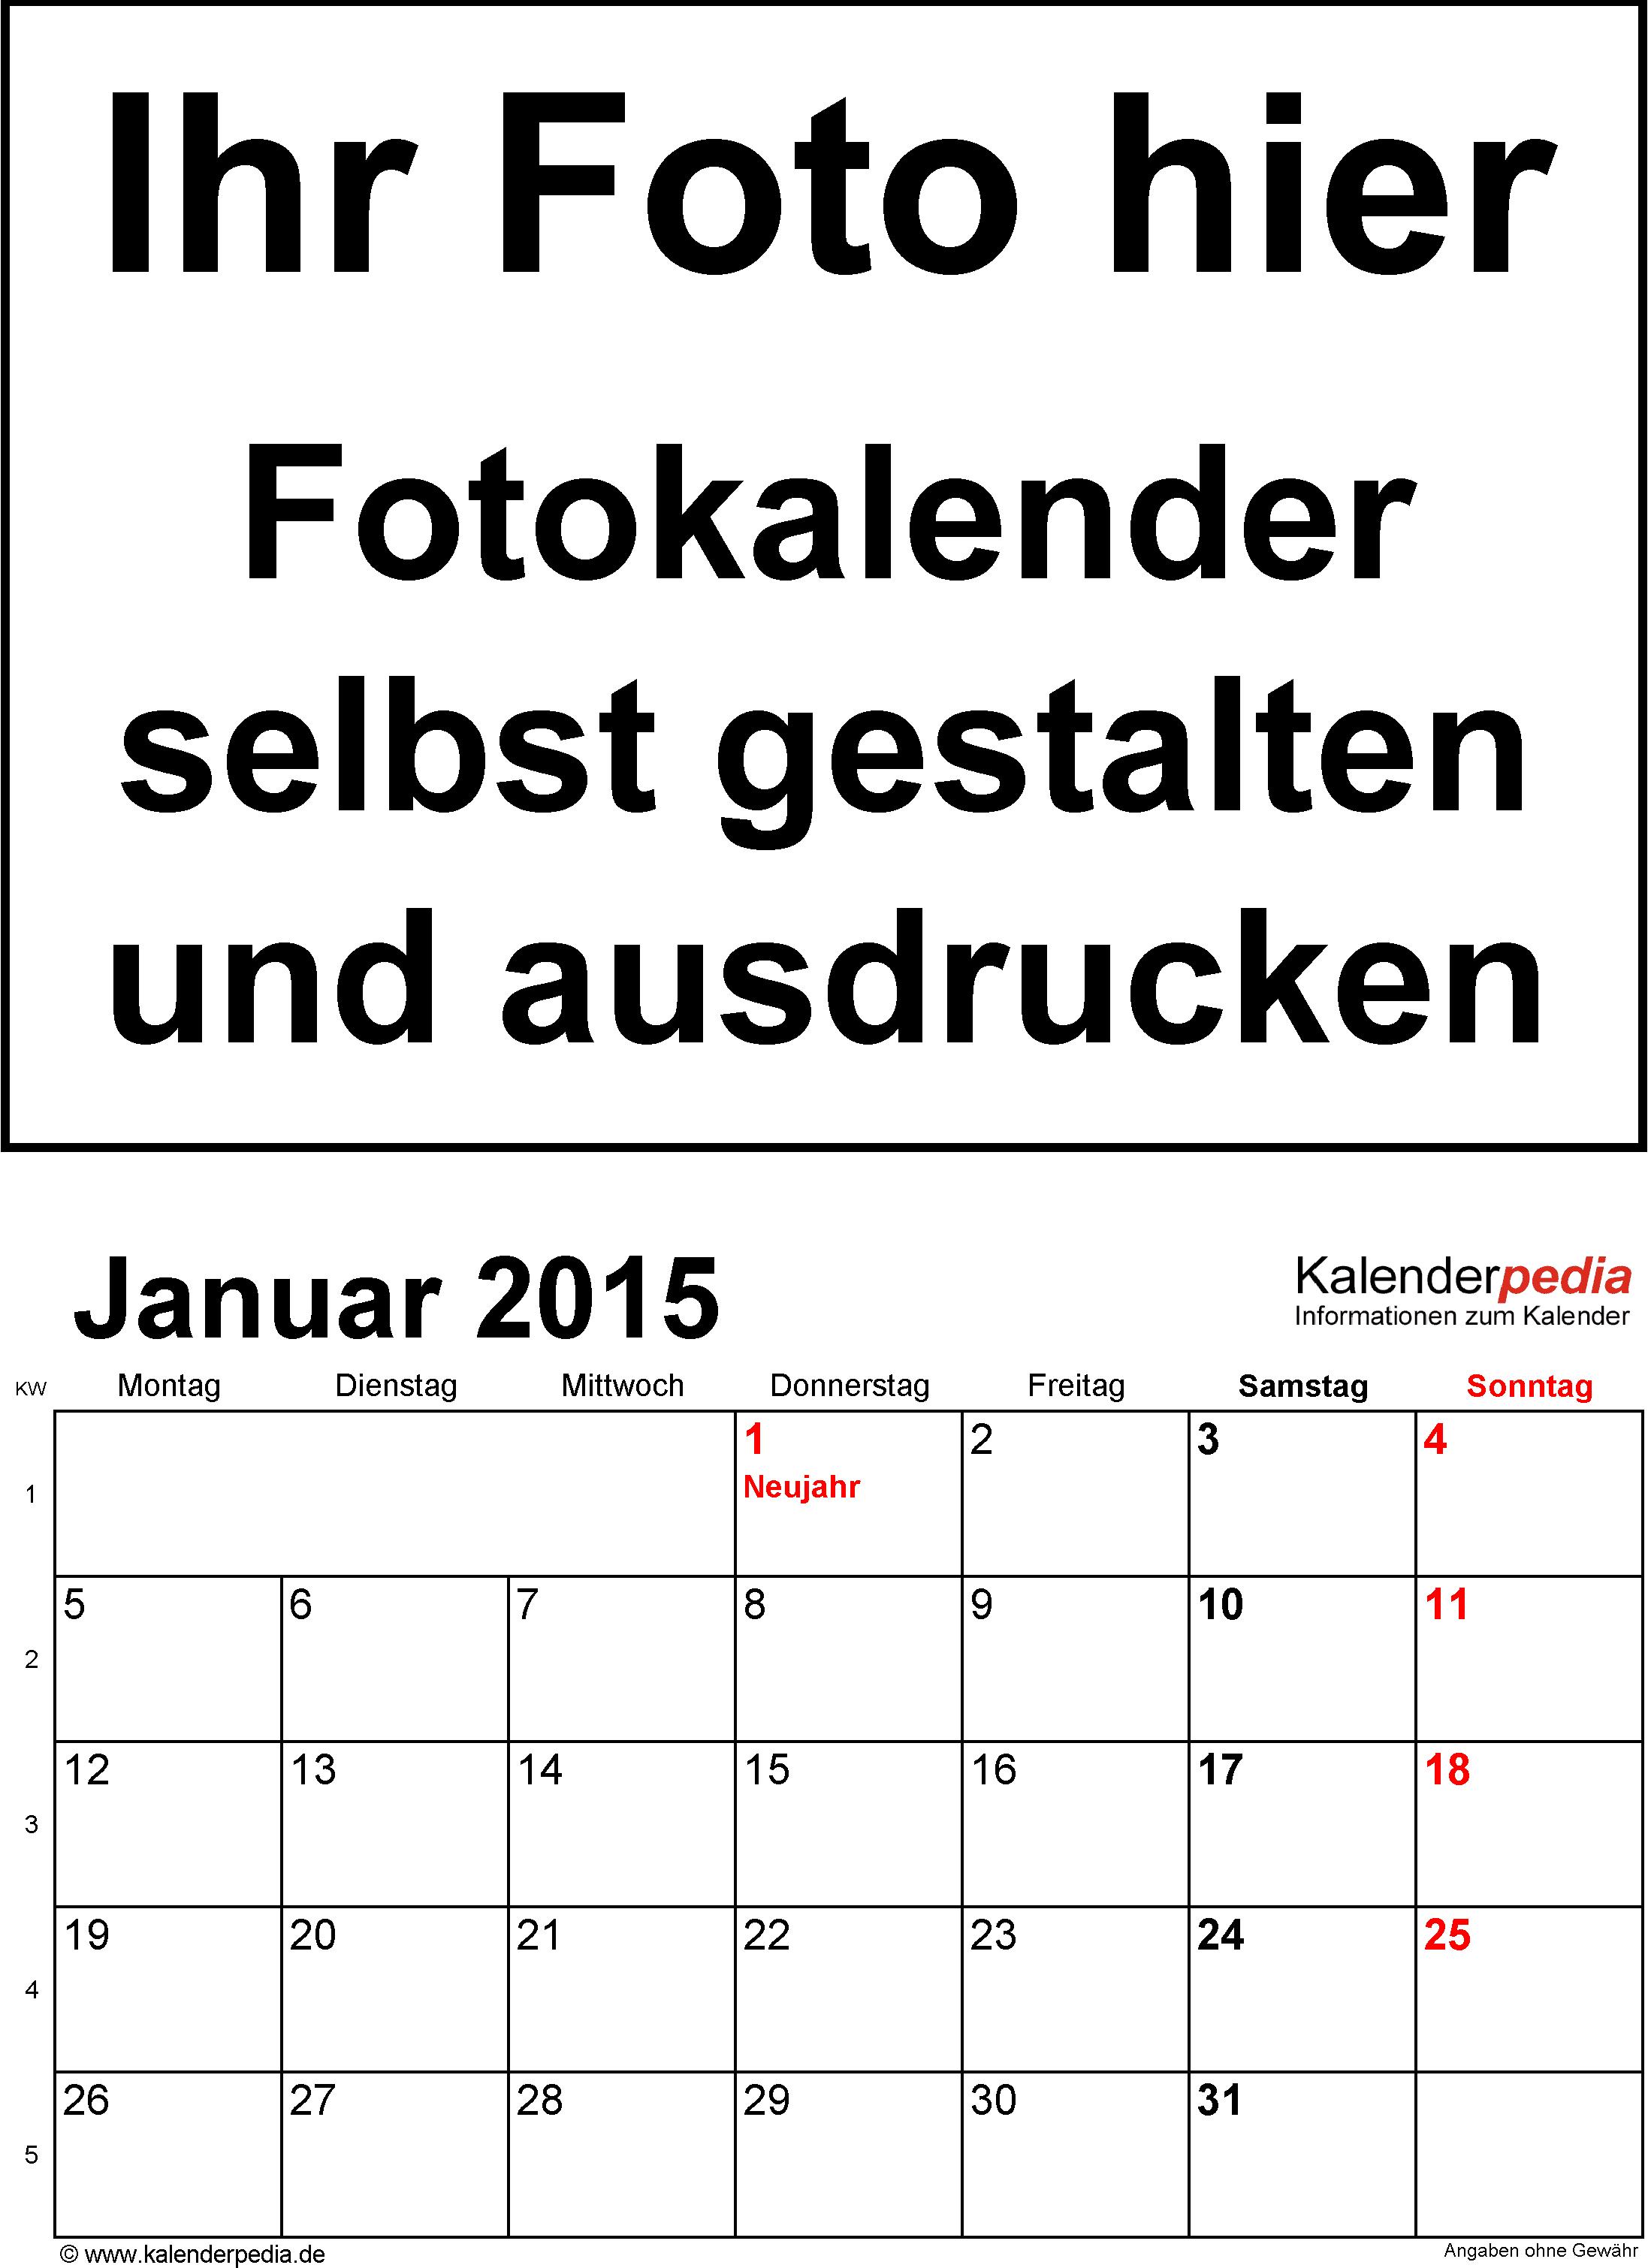 Vorlage 1: Word-Vorlage für Fotokalender 2015 (Hochformat, 12 Seiten)